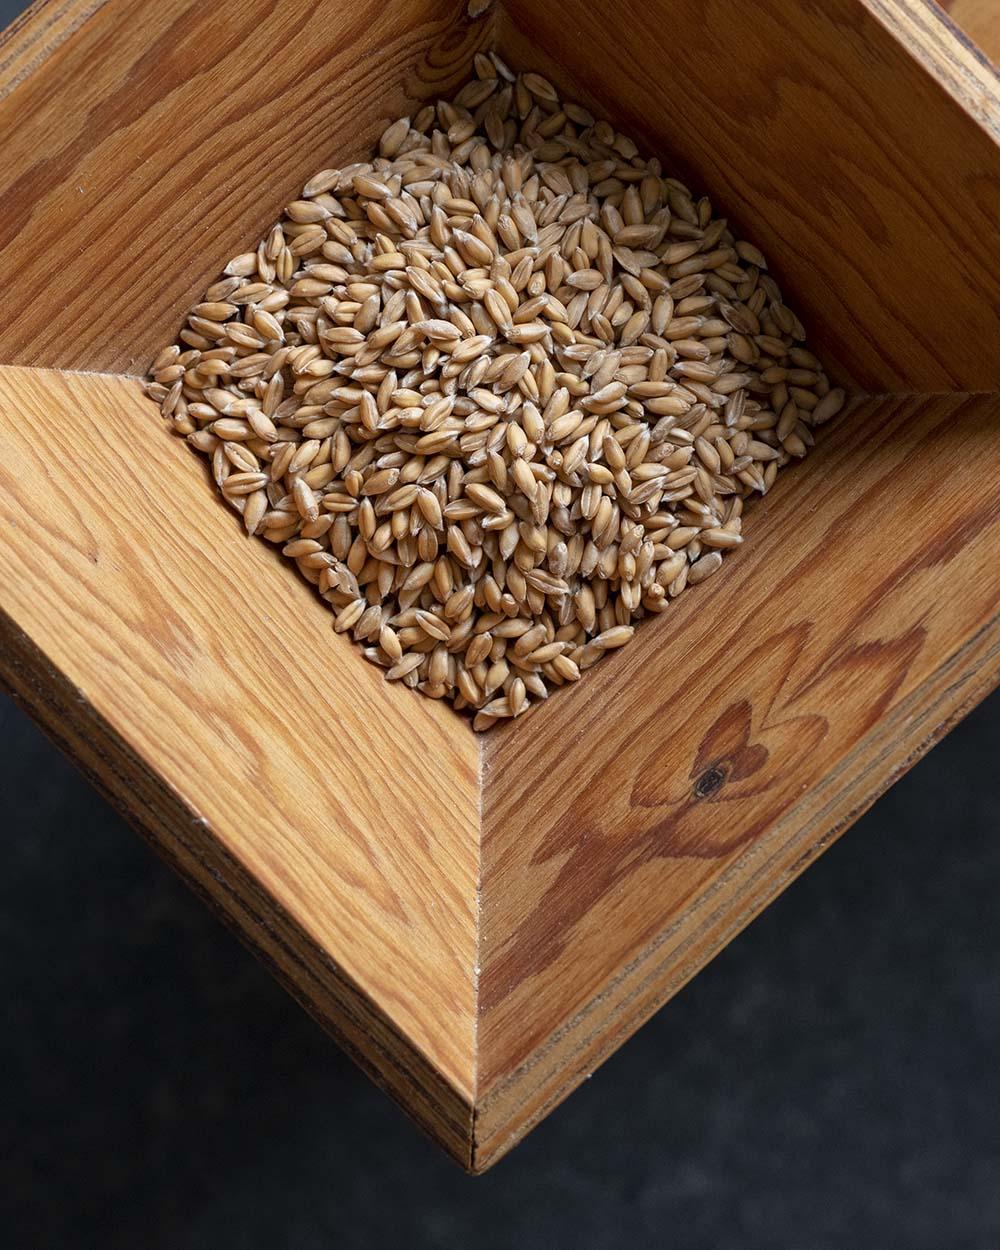 Blick in unsere Getreidemühle. Darin liegen Dinkelkörner, die wir für unsere vollwertigen Brötchen mit Schrot vermahlen.